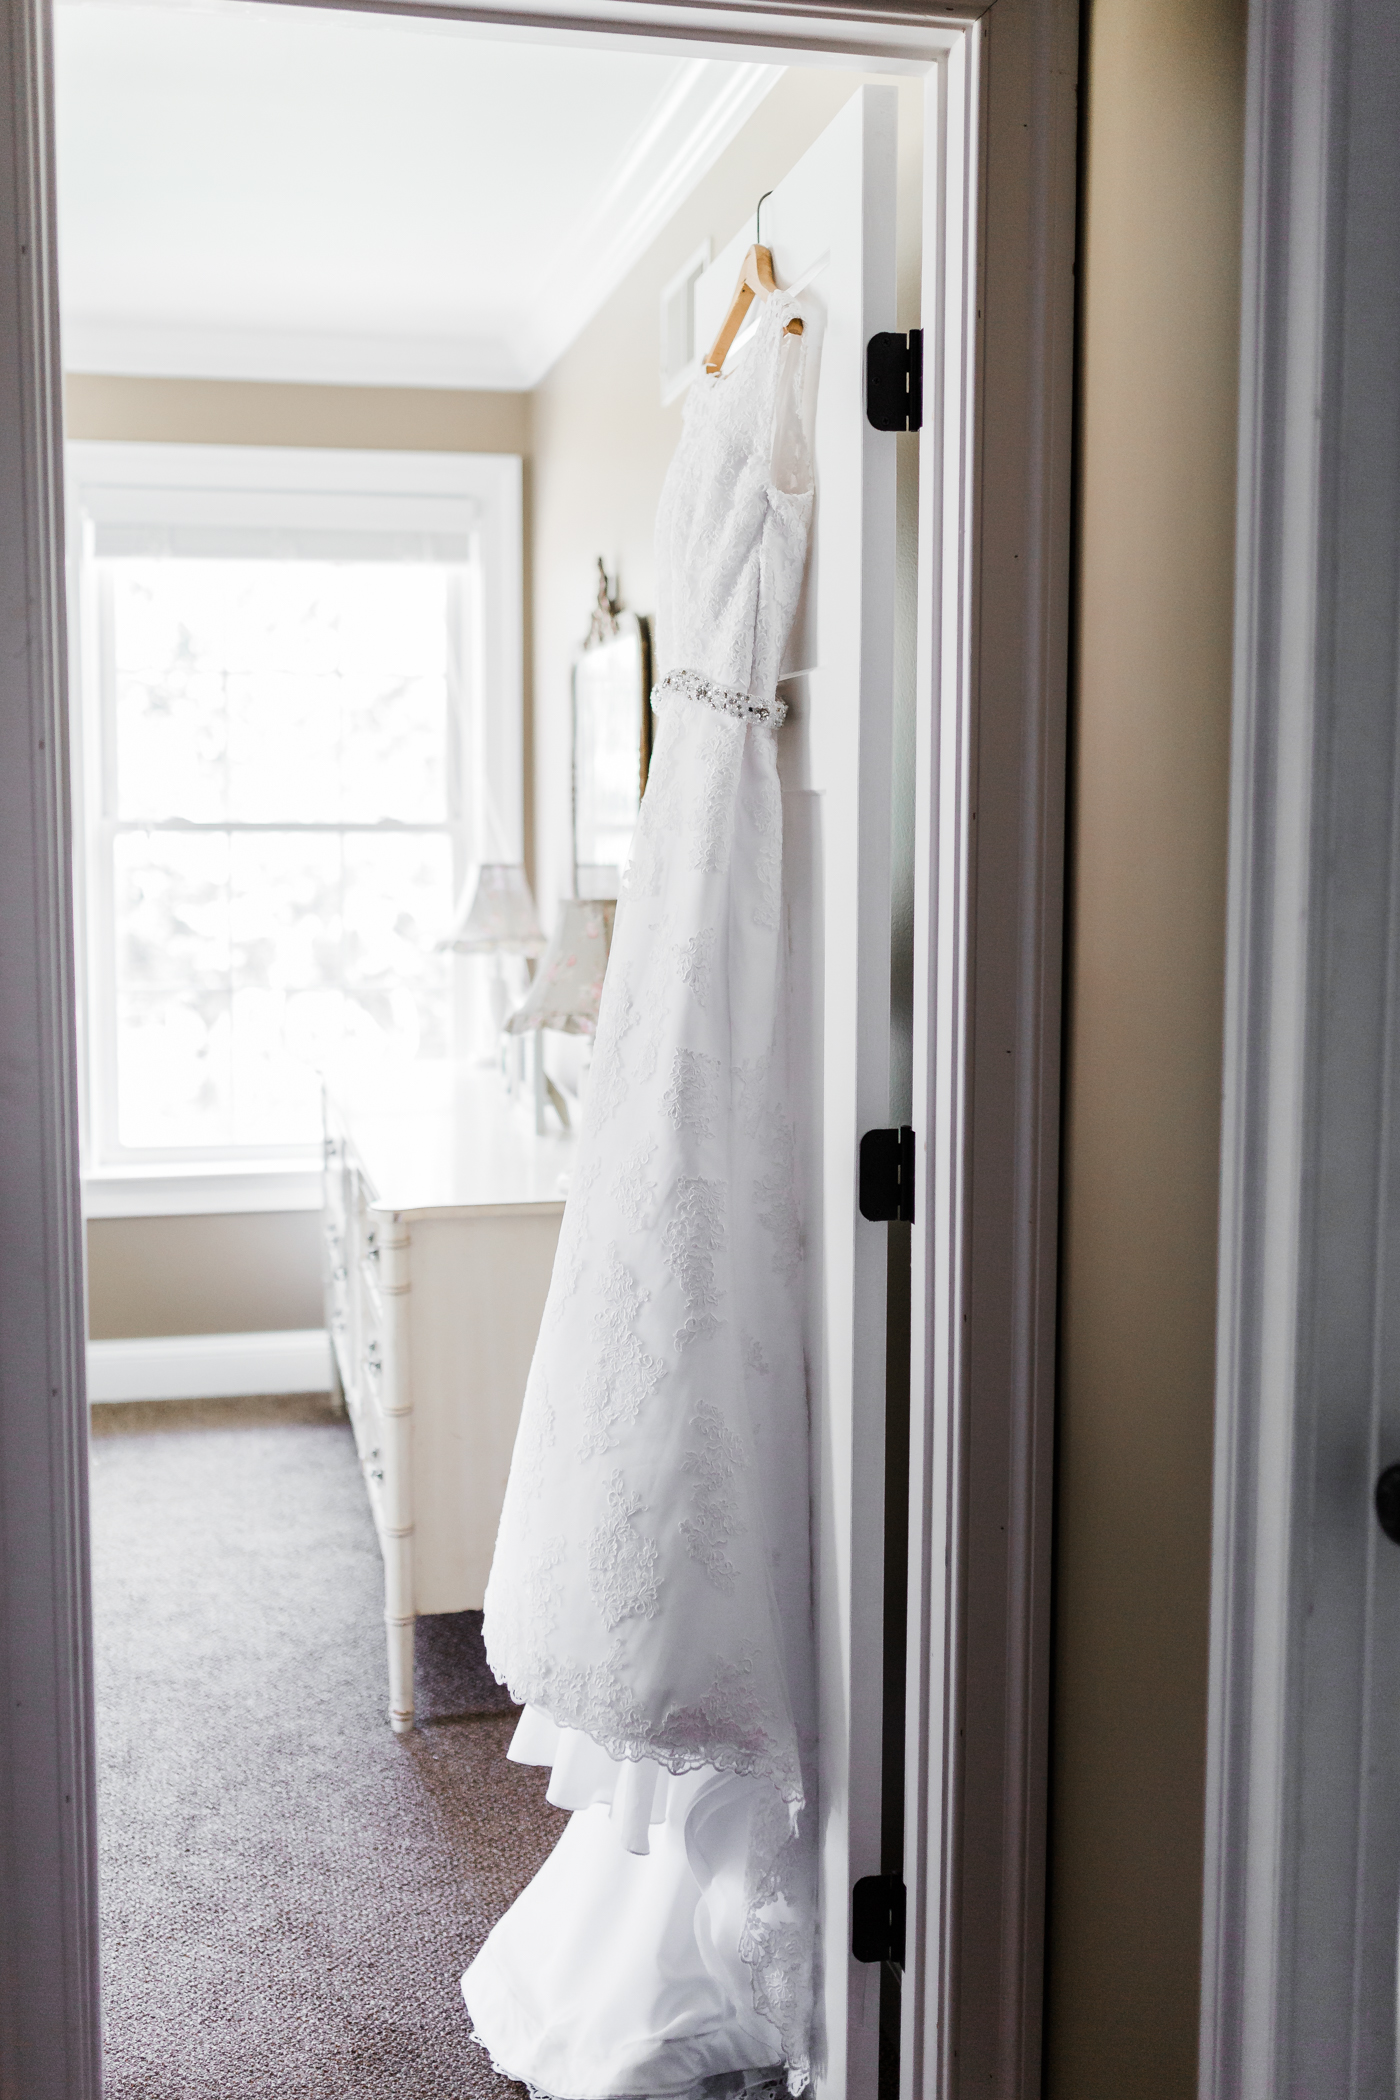 Wedding dress hanging on bedroom door for winter Maryland wedding